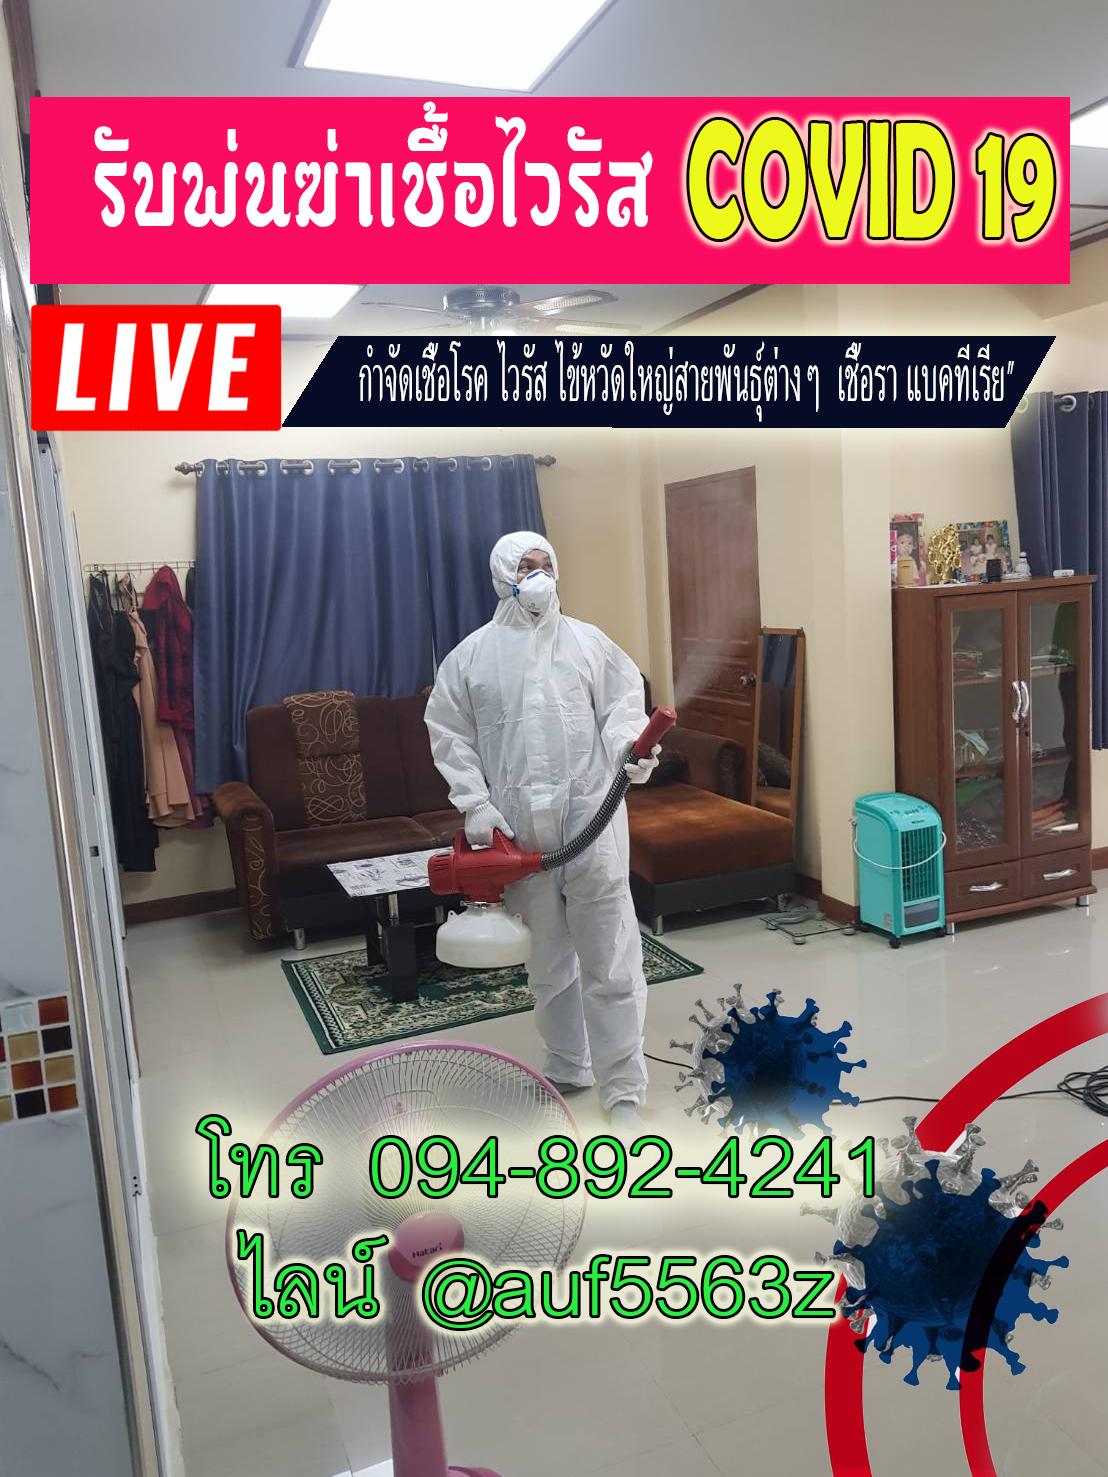 บริการทำความสะอาดกำจัด covid 19